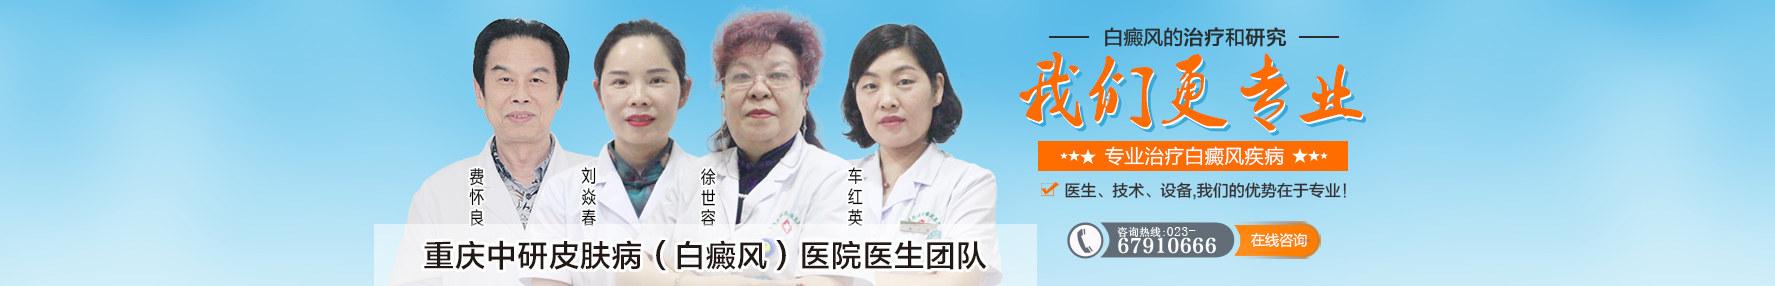 重庆白癜风医院